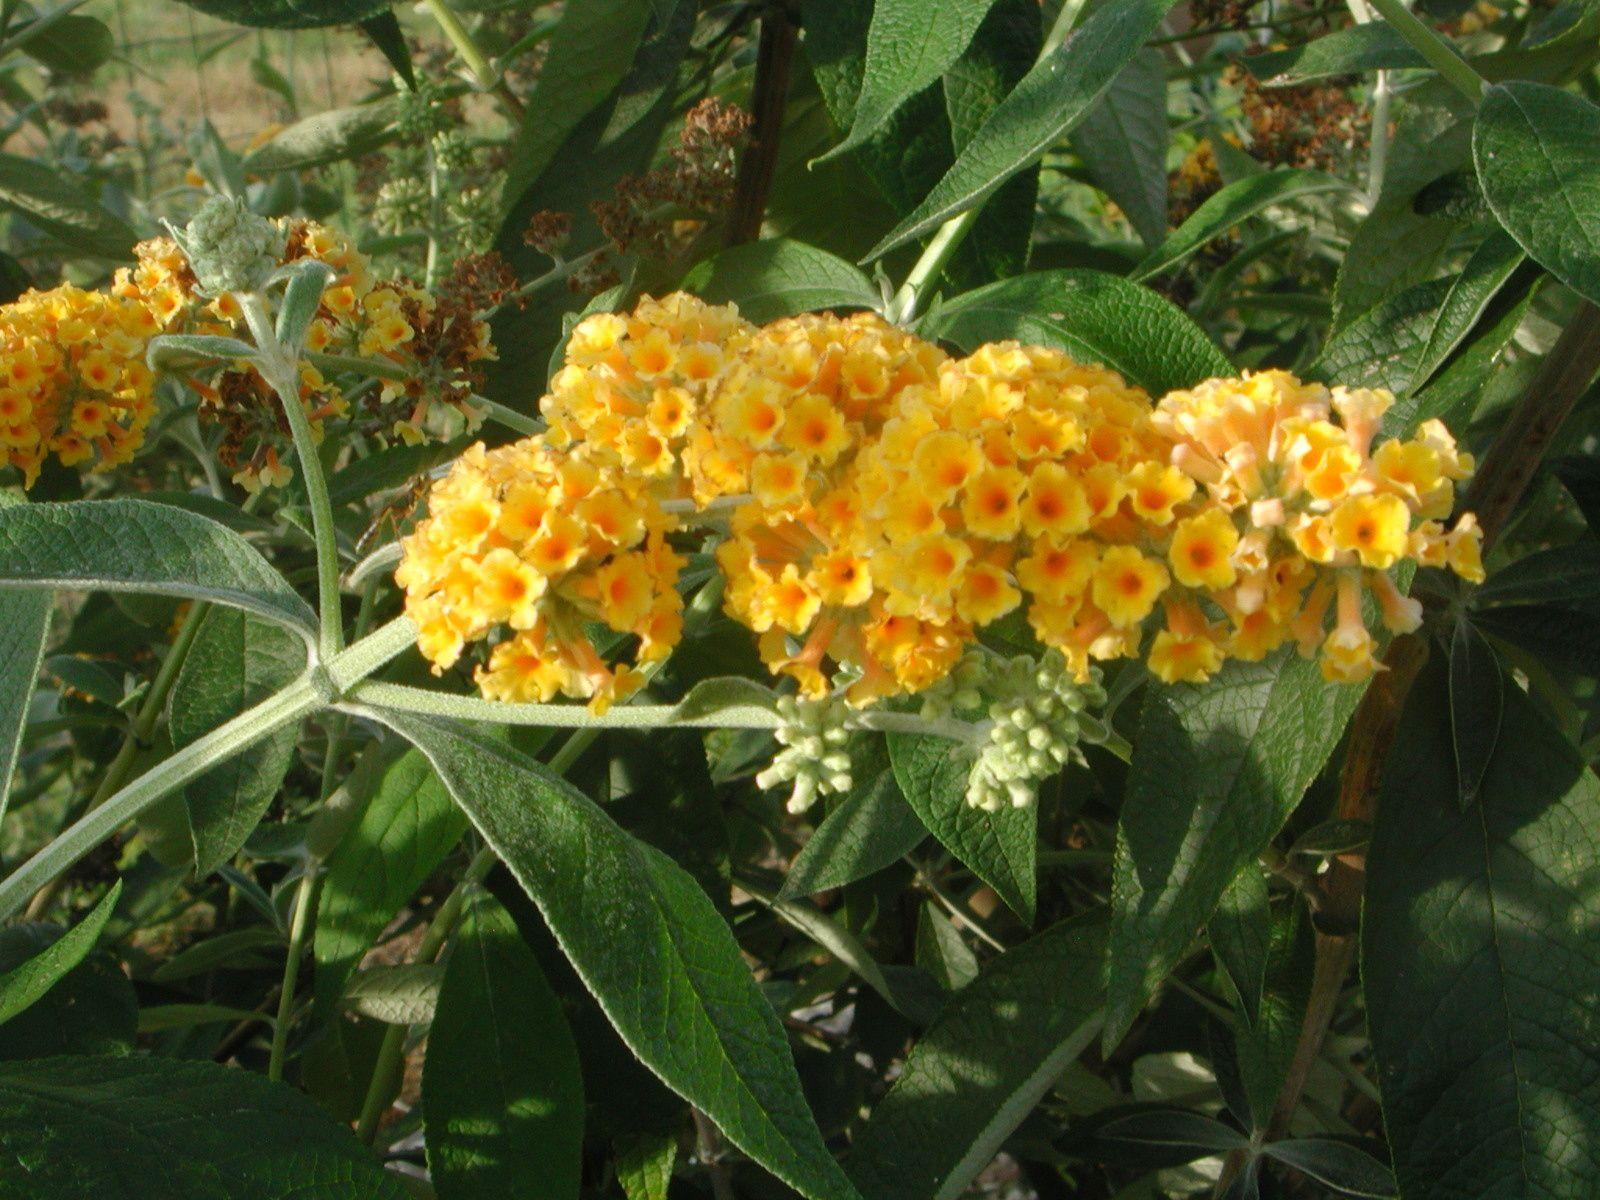 L'attractivité florale est l'arme de stimulation de toute les espèces animales...